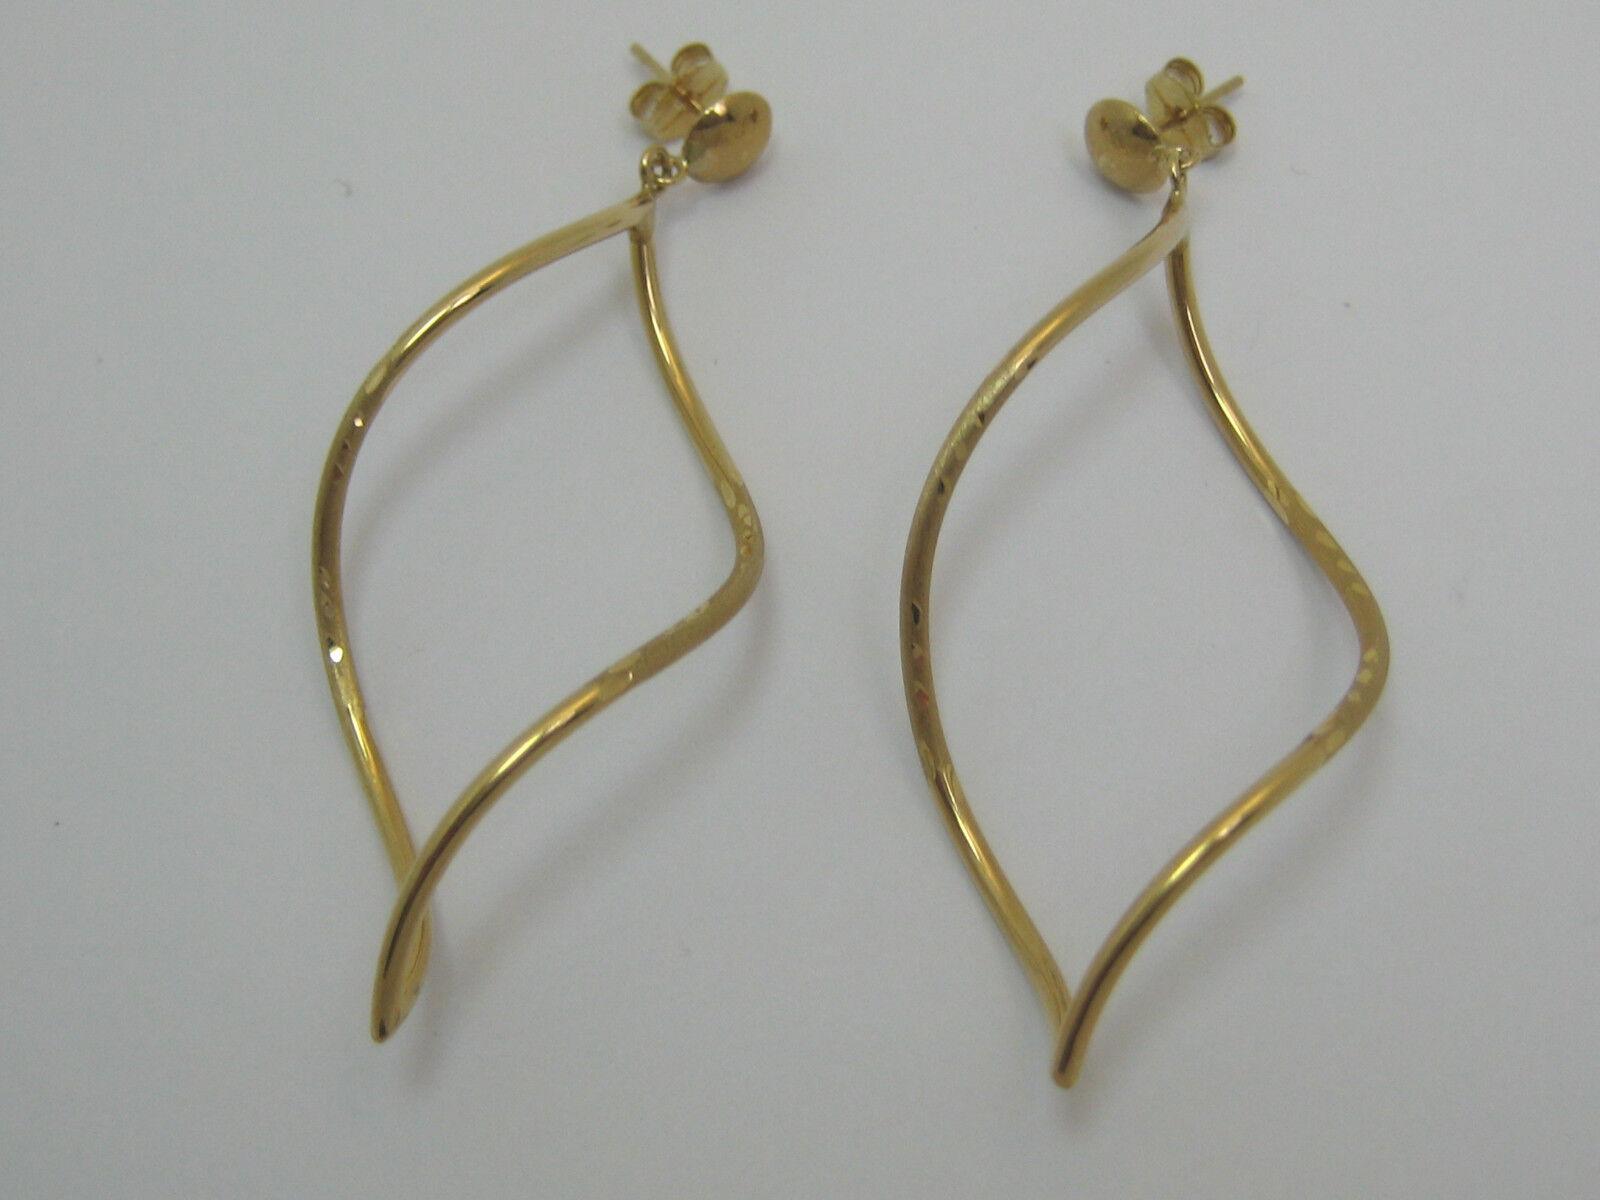 Solid 14k Yellow gold Fancy Post Earrings Style 295